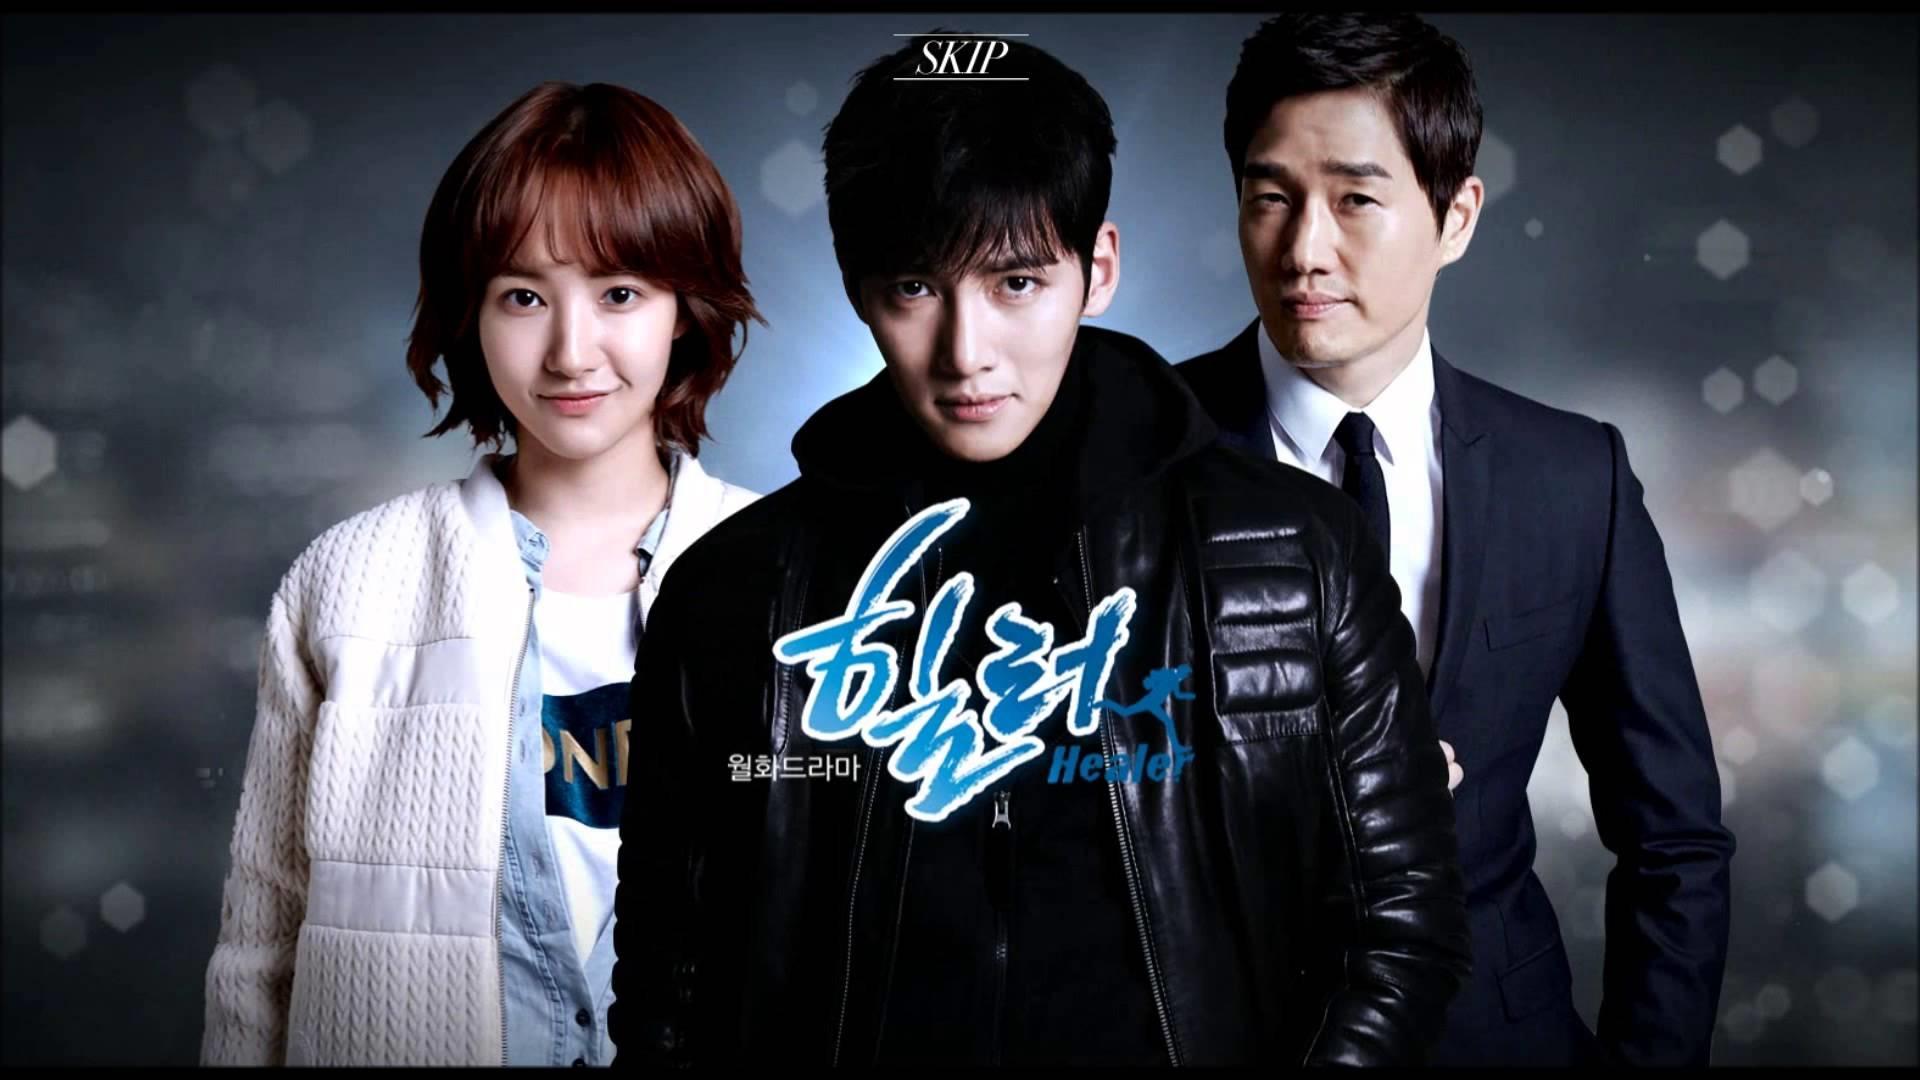 Những bộ phim truyền hình Hàn Quốc đáng xem nhất suốt một thập kỷ qua - Ảnh 6